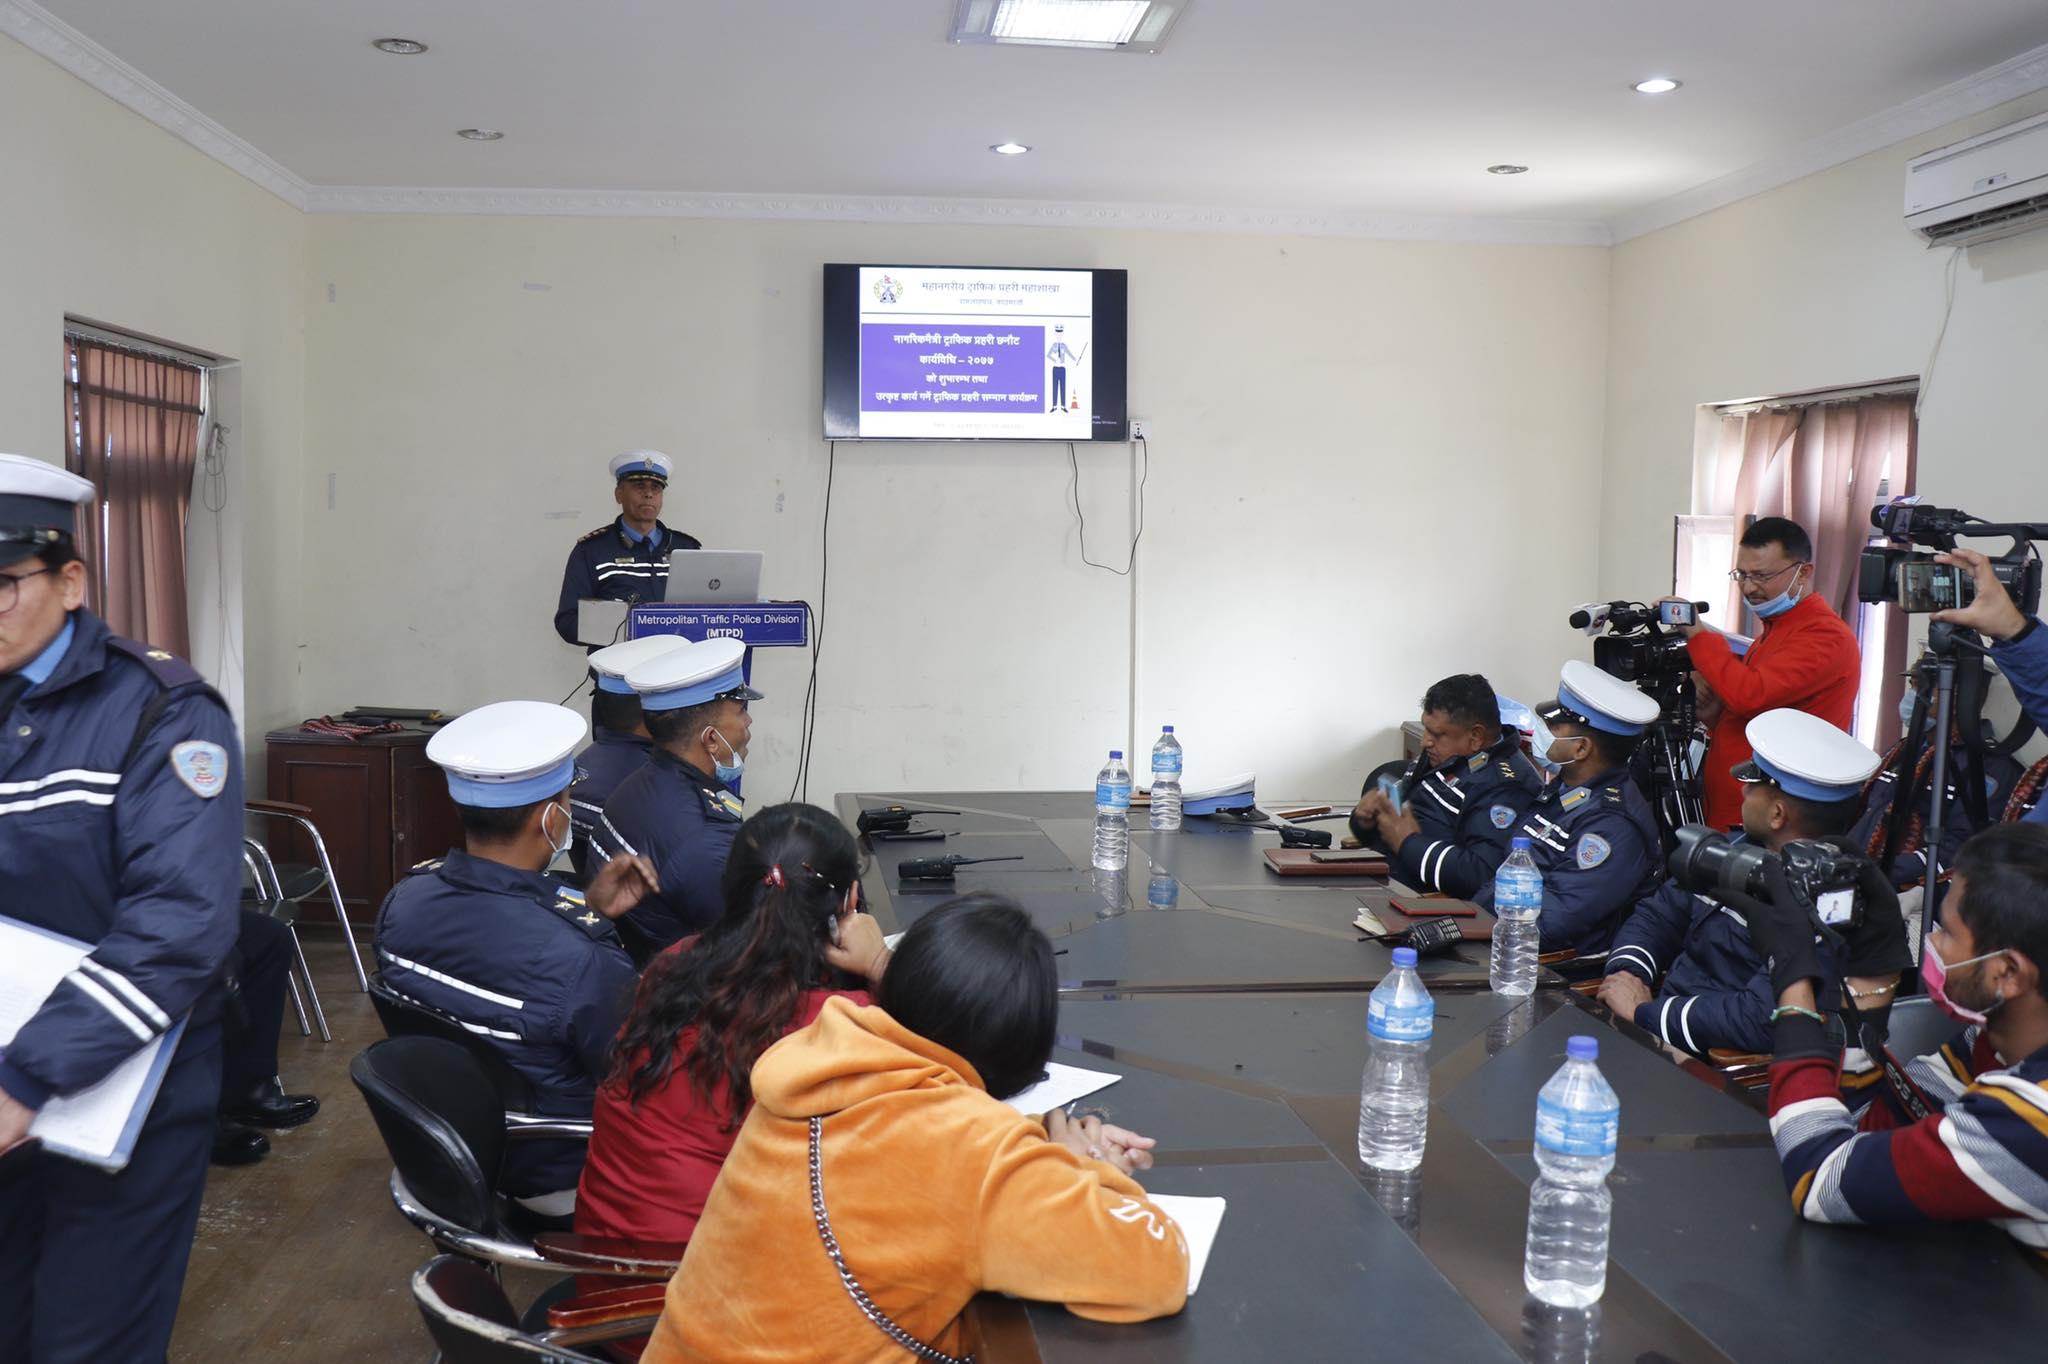 ट्राफिक प्रहरीको नागरिकमैत्री आचरण व्यवहार सुधार कार्यक्रम शुरु